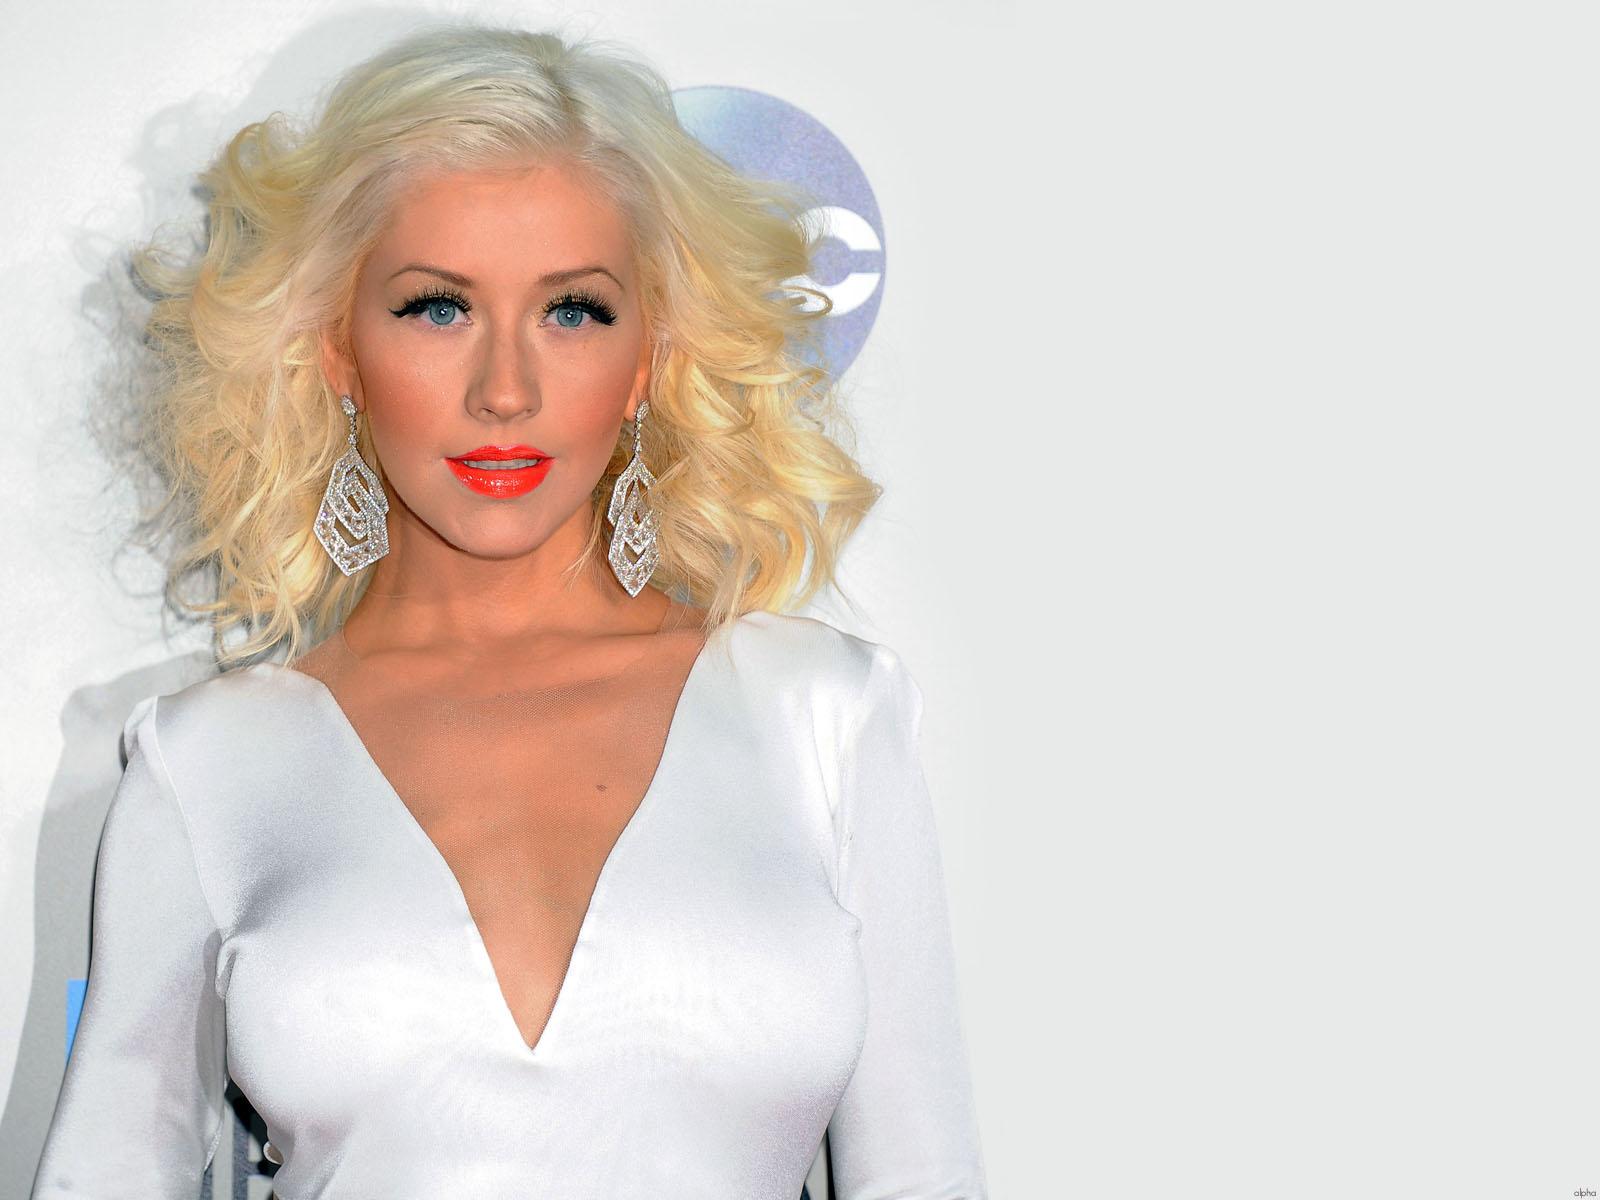 Christina Aguilera Wallpapers 16 1600x1200